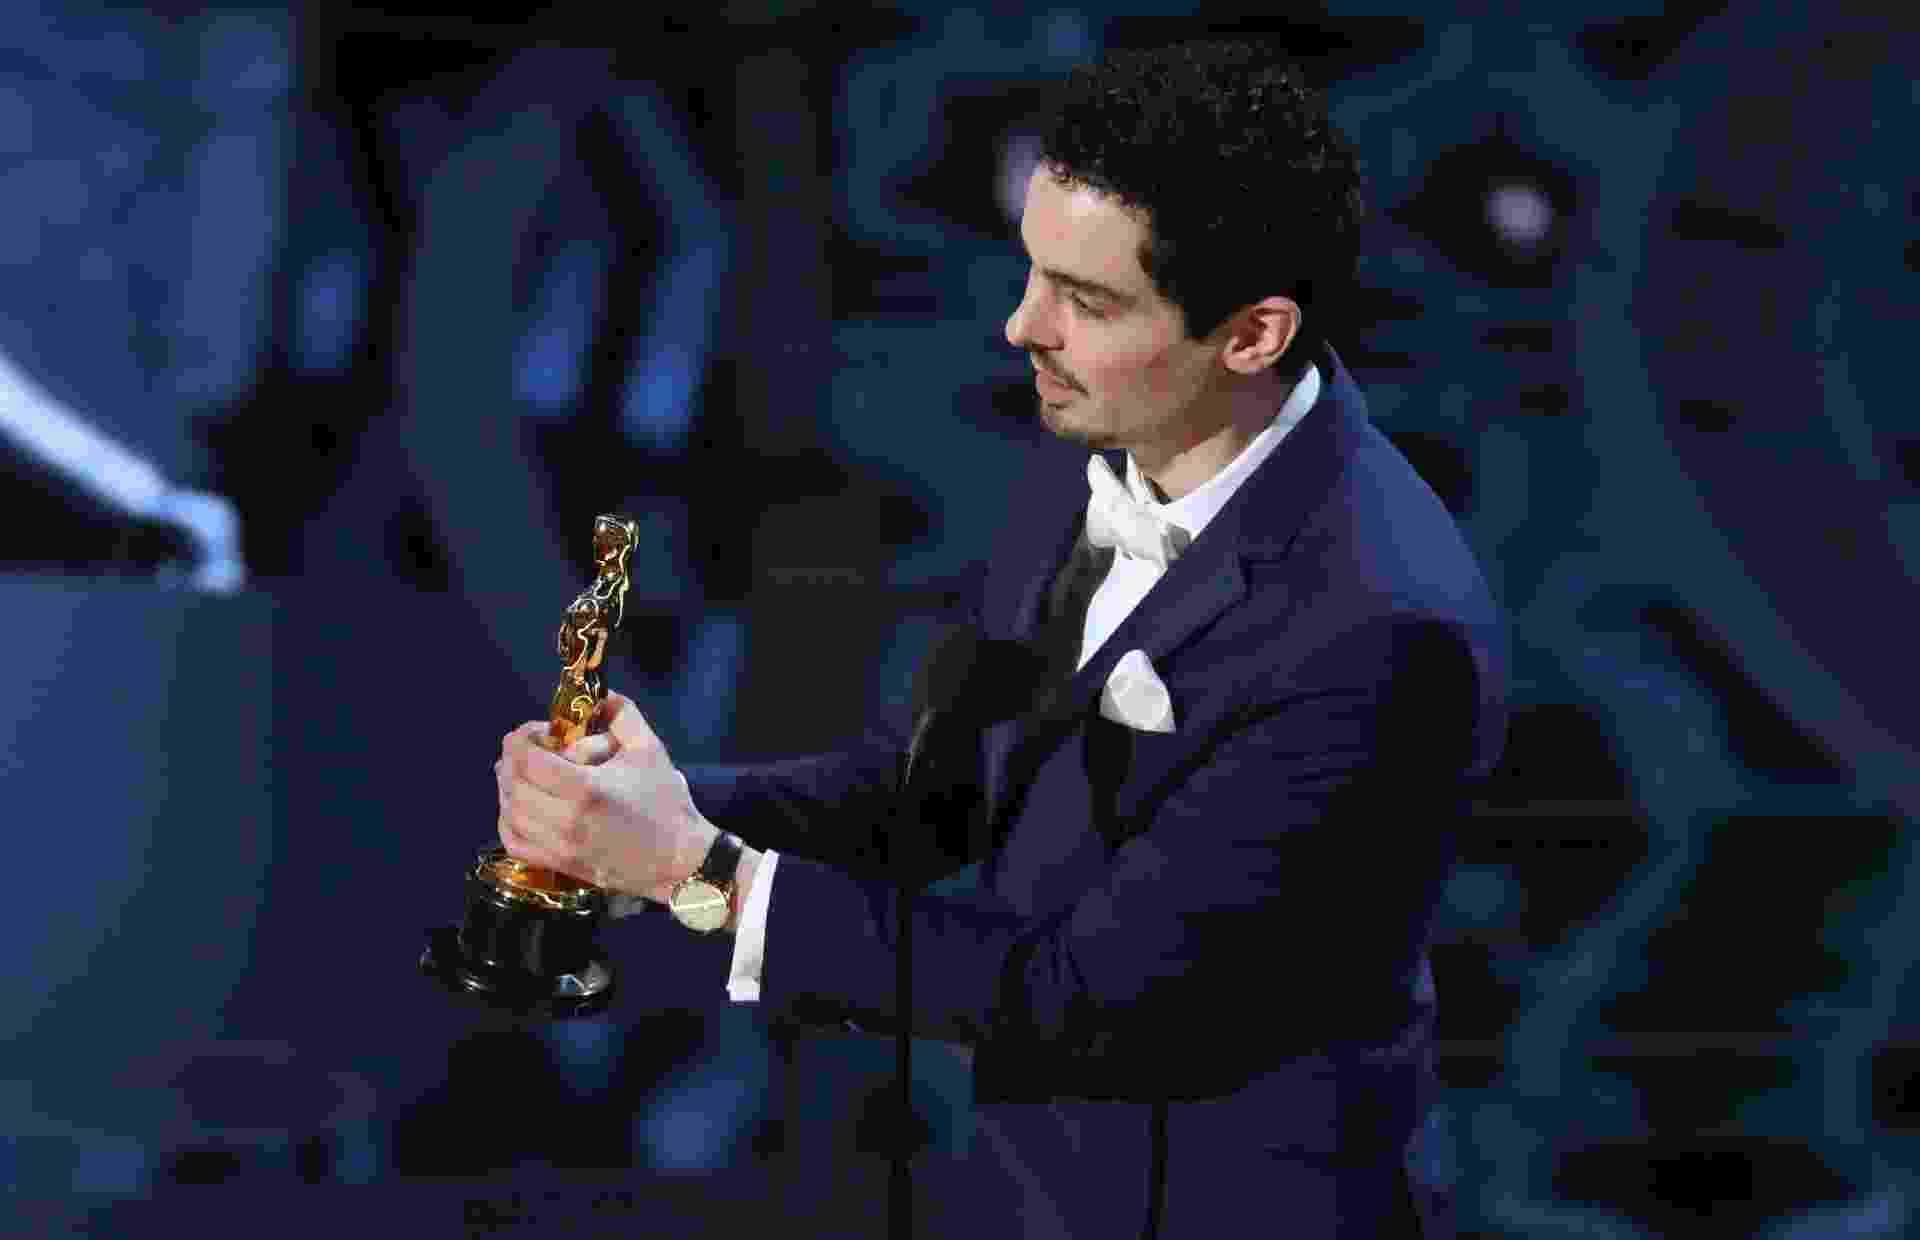 """Aos 32 anos, o jovem Damien Chazelle venceu na categoria de melhor diretor, pelo trabalho em """"La La Land"""" - REUTERS/Lucy Nicholson"""